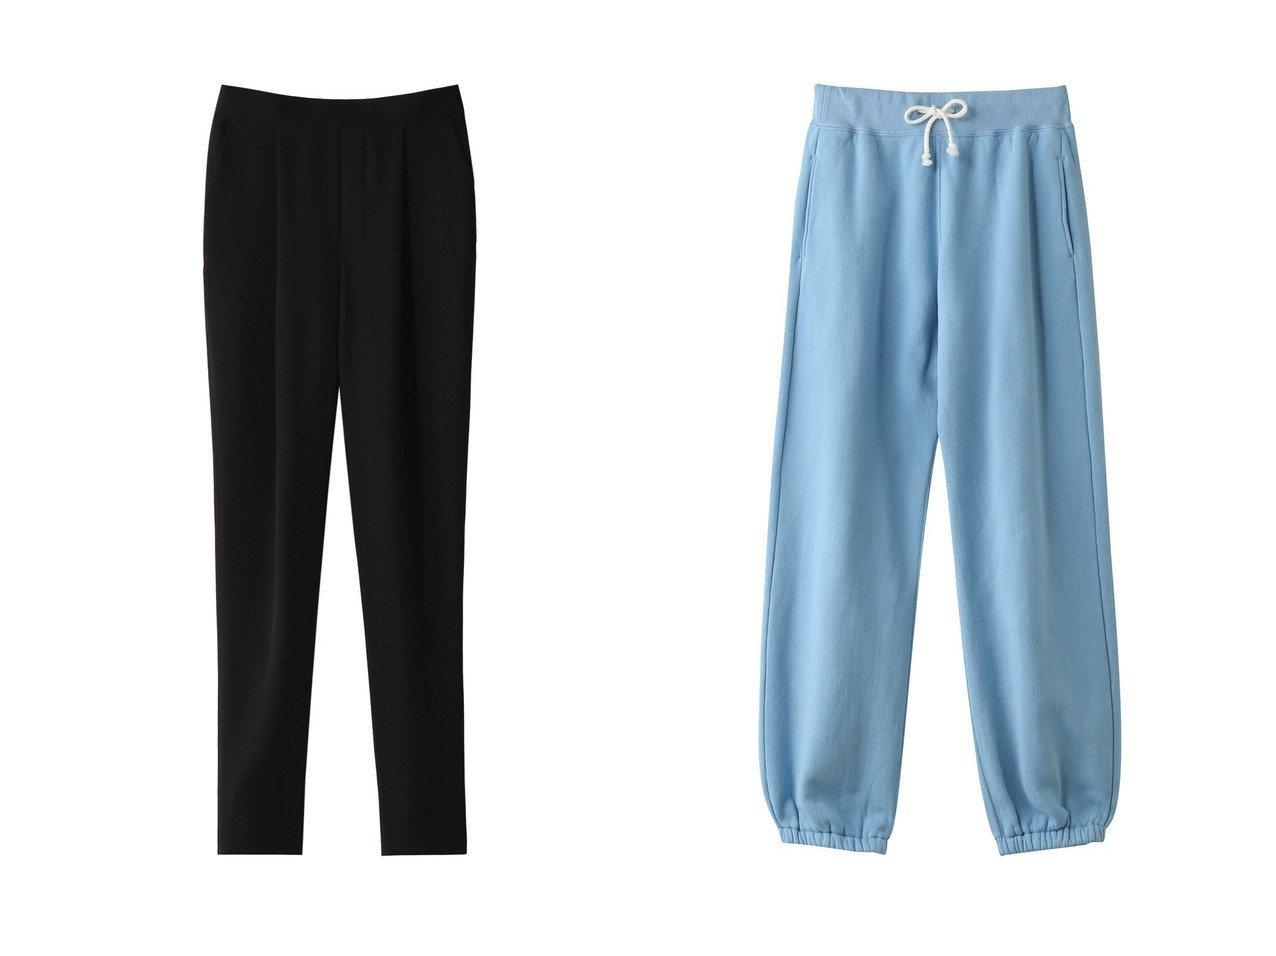 【Shinzone/シンゾーン】のコモンスウェットパンツ&【ENFOLD/エンフォルド】のPEツイル ゴムジョッパーズパンツ パンツのおすすめ!人気、トレンド・レディースファッションの通販 おすすめで人気の流行・トレンド、ファッションの通販商品 メンズファッション・キッズファッション・インテリア・家具・レディースファッション・服の通販 founy(ファニー) https://founy.com/ ファッション Fashion レディースファッション WOMEN パンツ Pants 2021年 2021 2021 春夏 S/S SS Spring/Summer 2021 S/S 春夏 SS Spring/Summer ツイル 春 Spring |ID:crp329100000013660